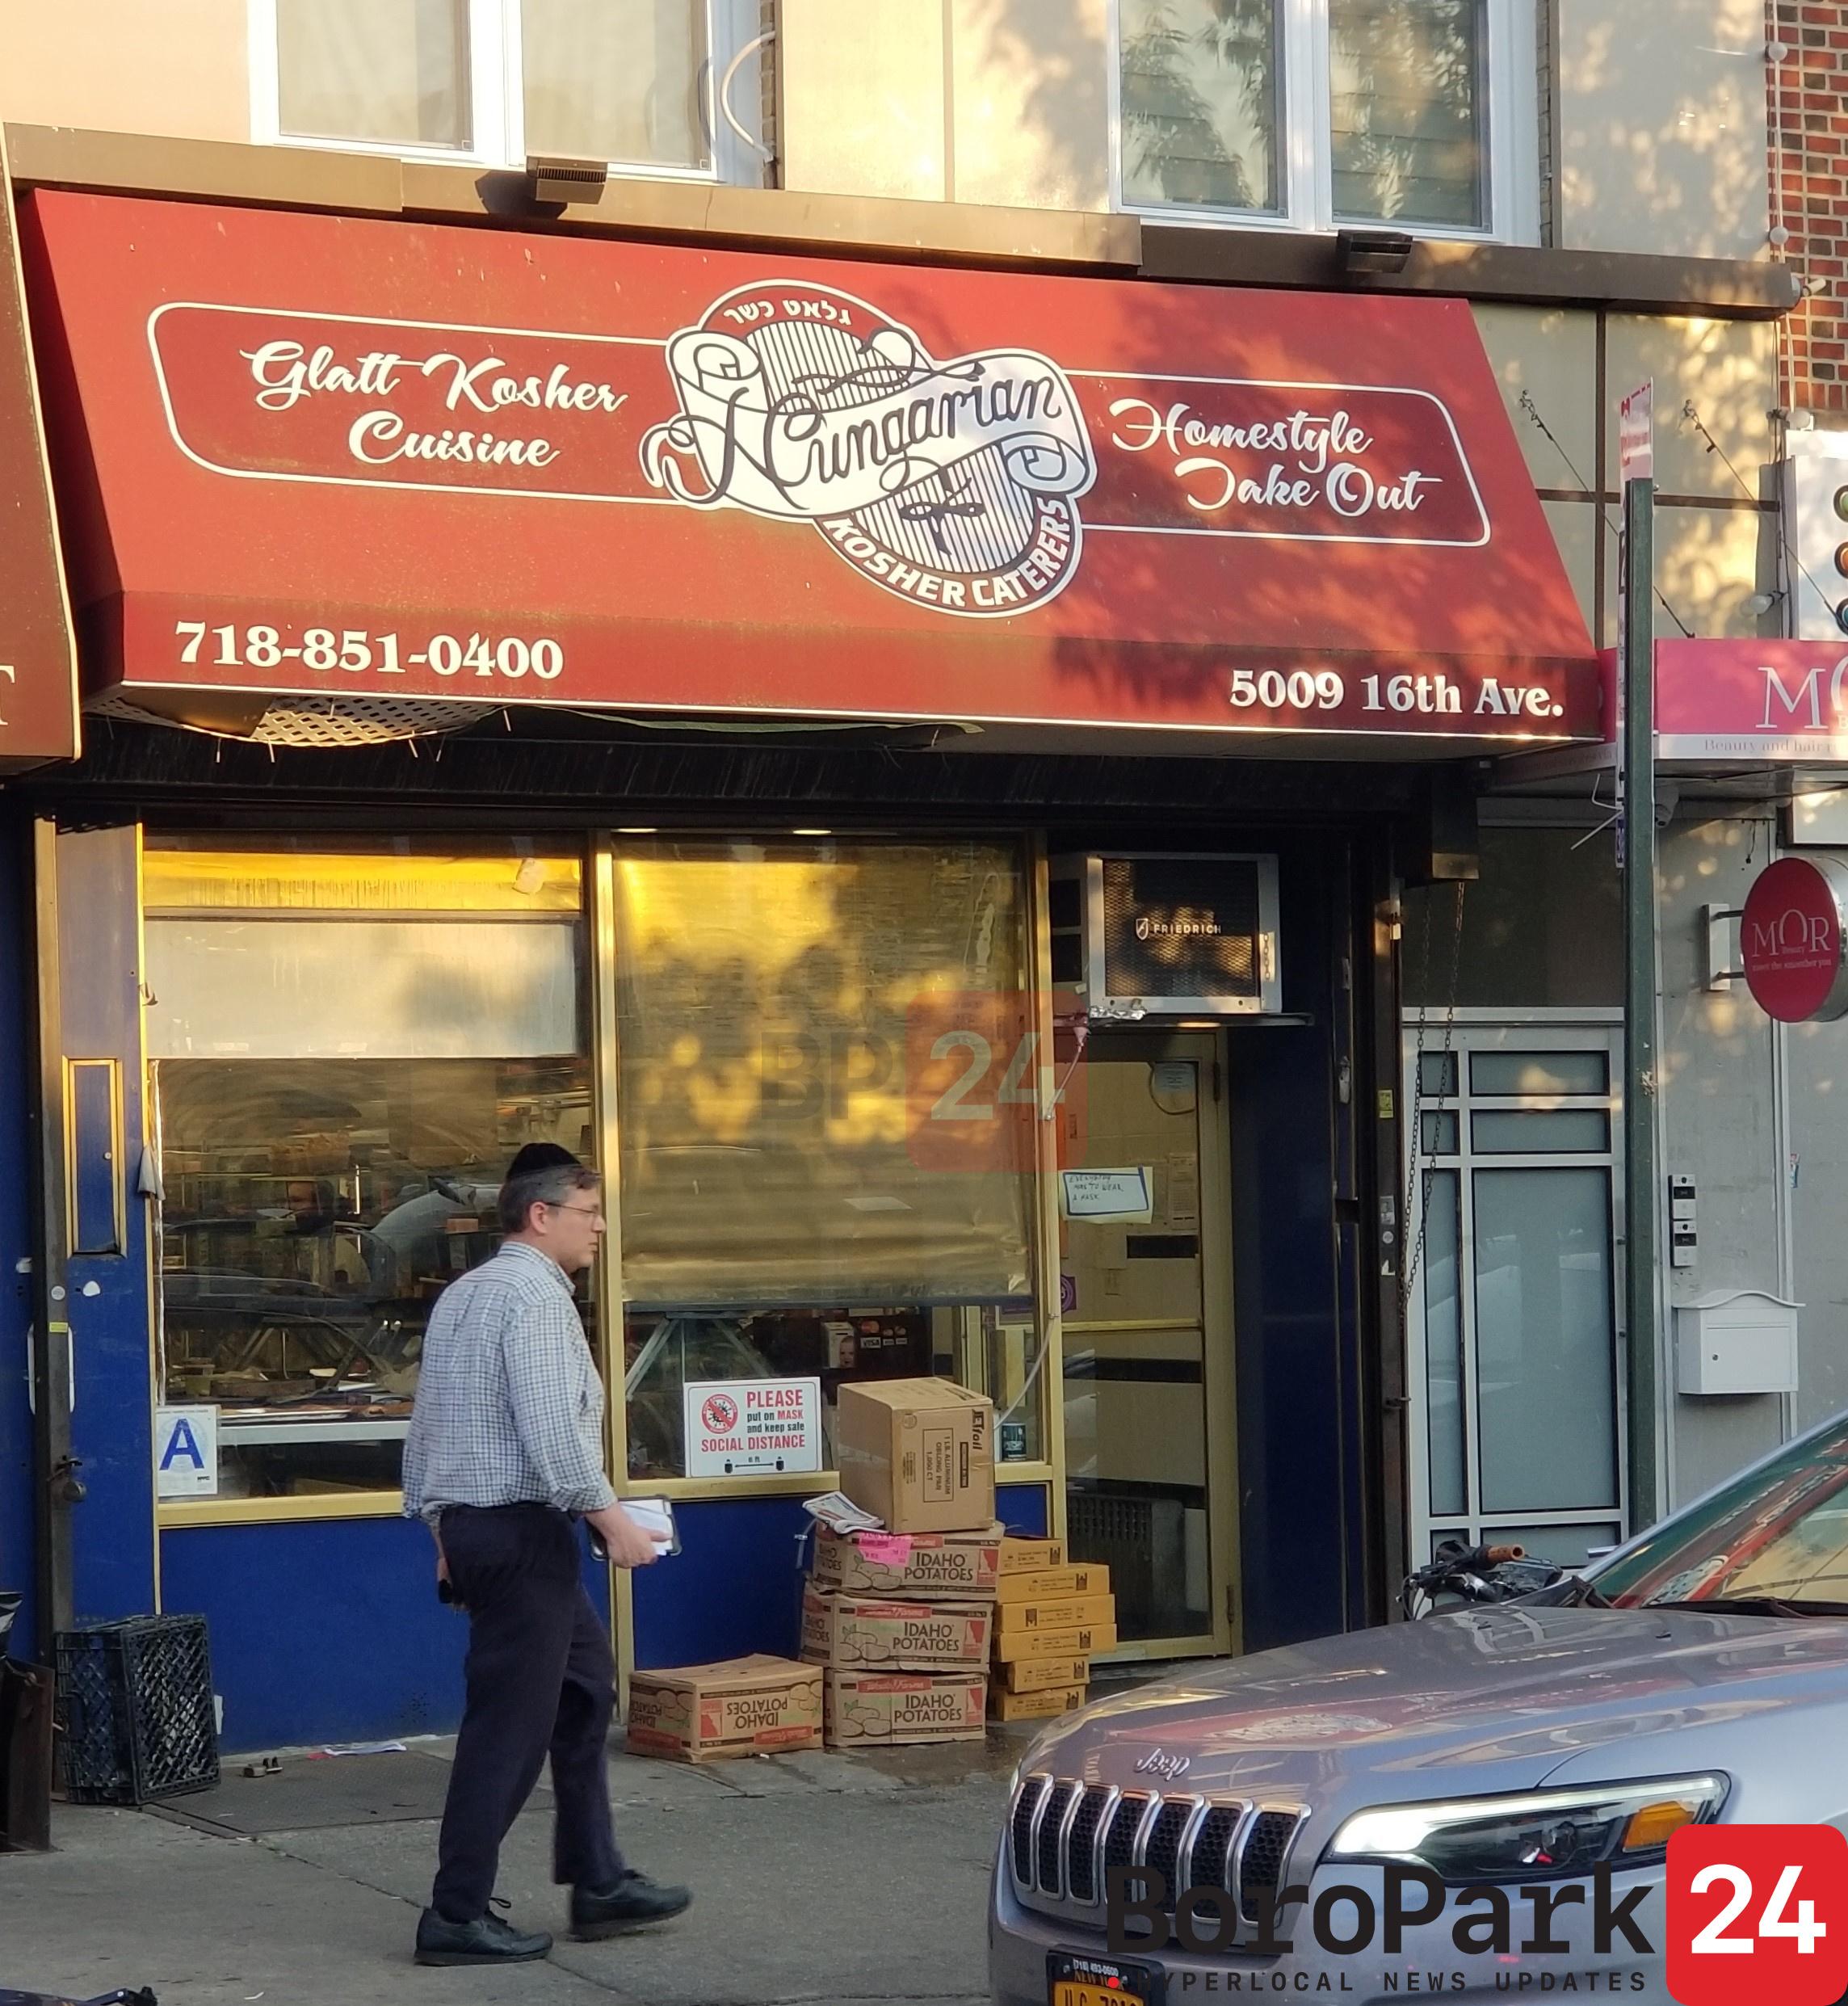 Boro Park Snapshot: Hungarian Kosher Cuisine